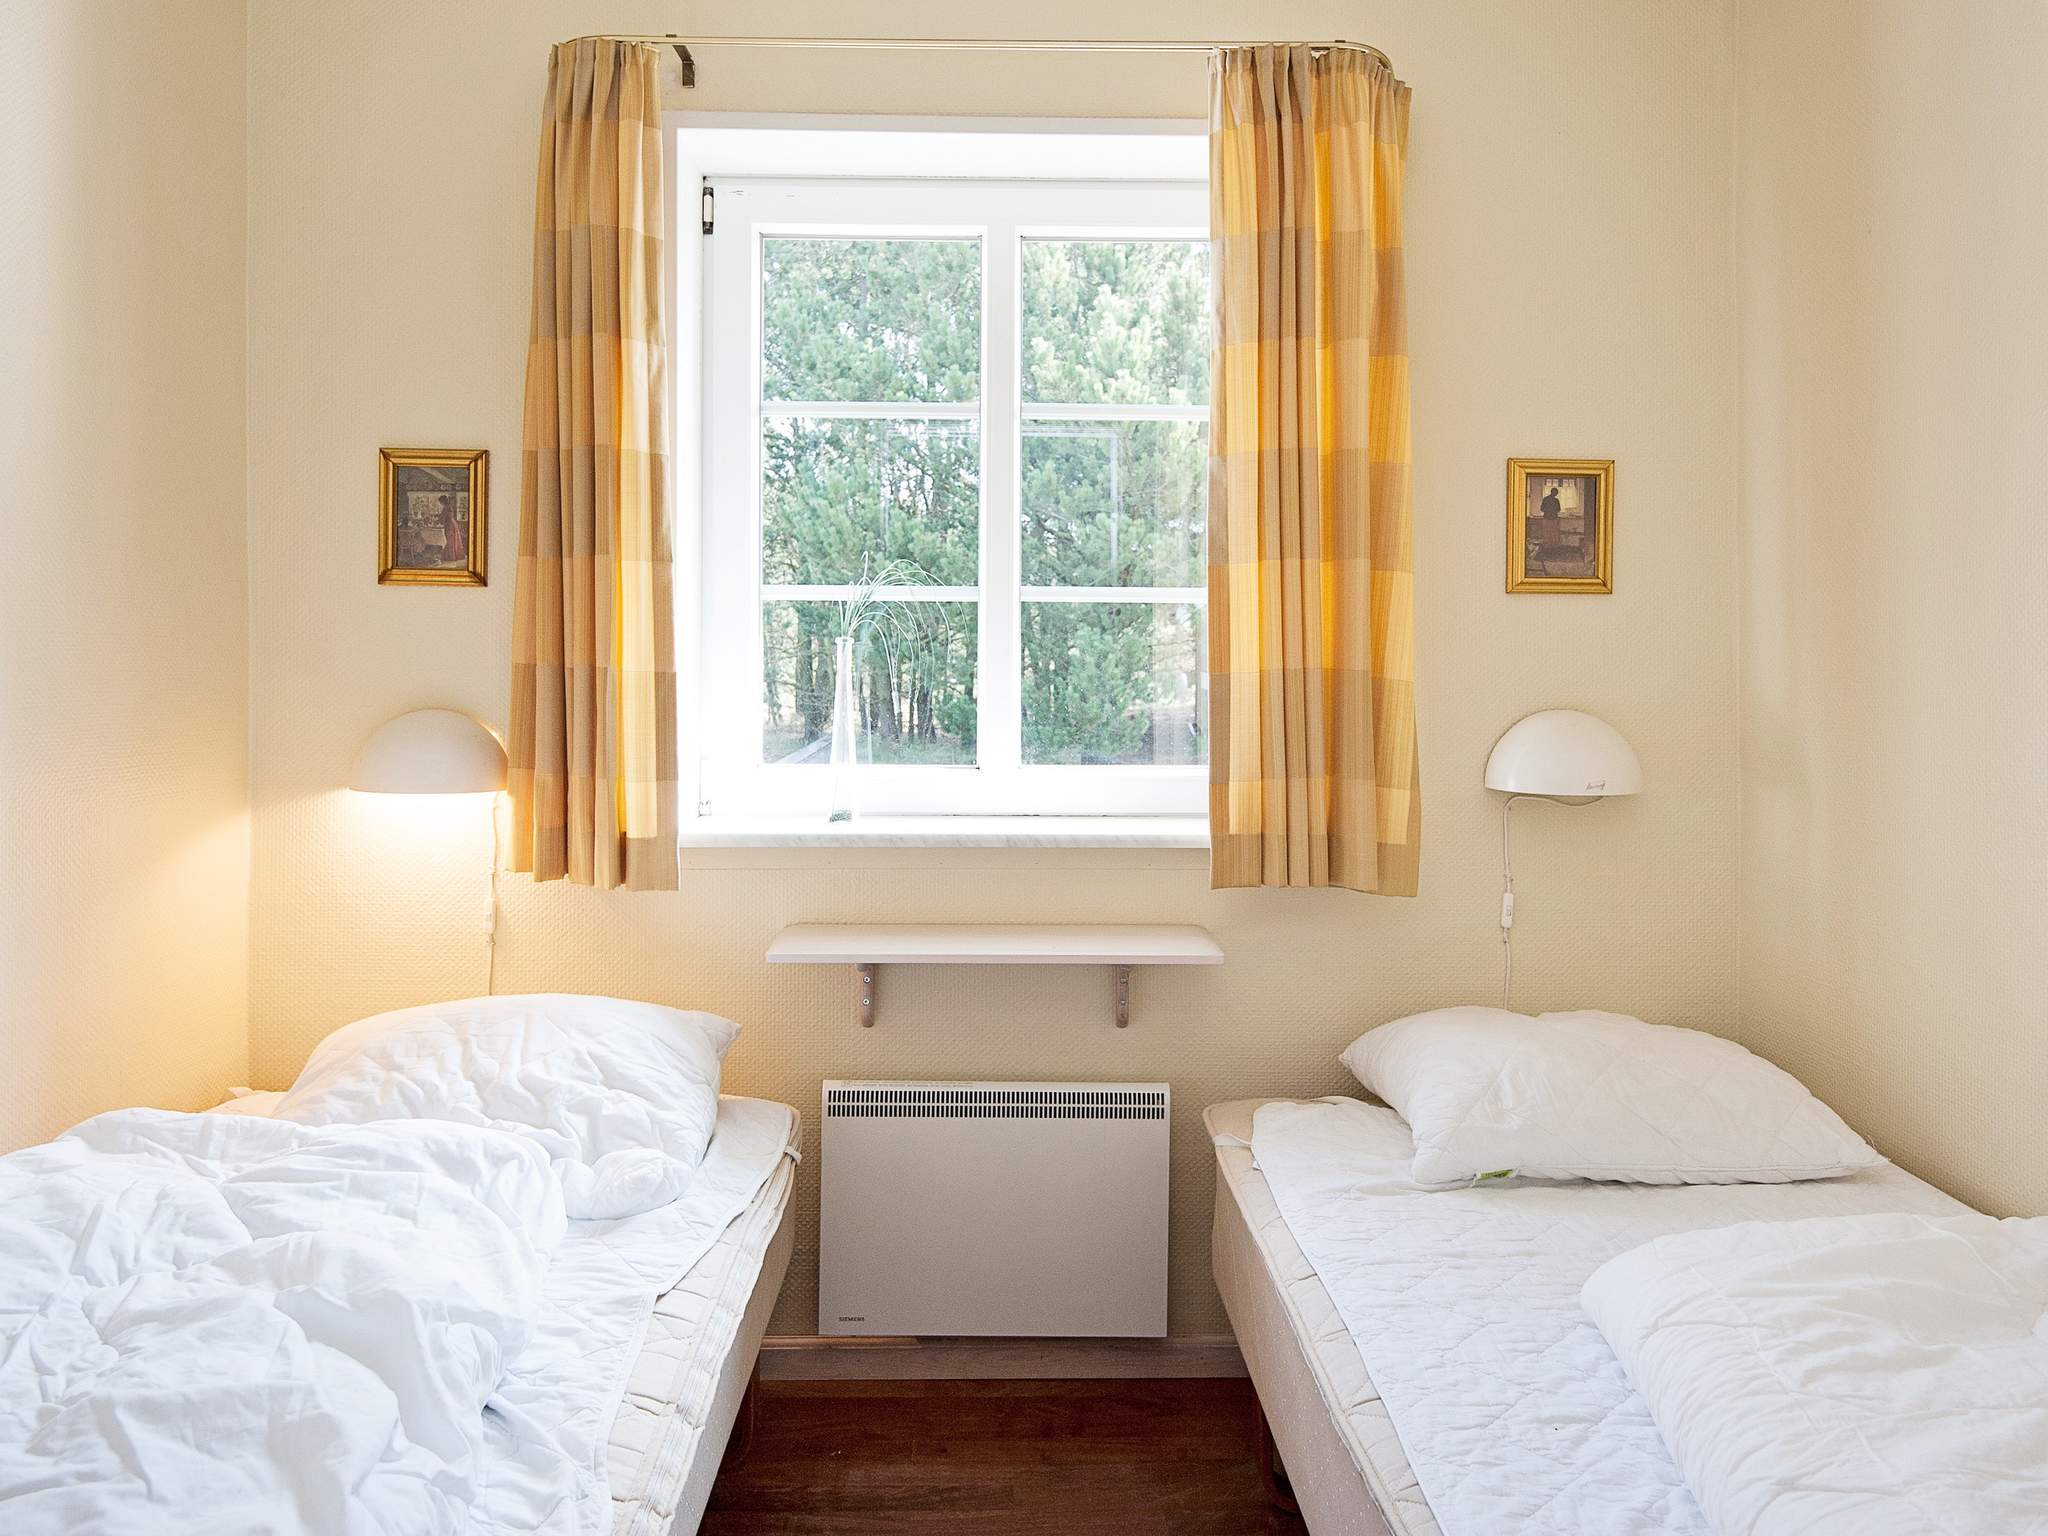 Ferienhaus Rømø/Sønder Strand (84924), Rømø, , Südwestjütland, Dänemark, Bild 11